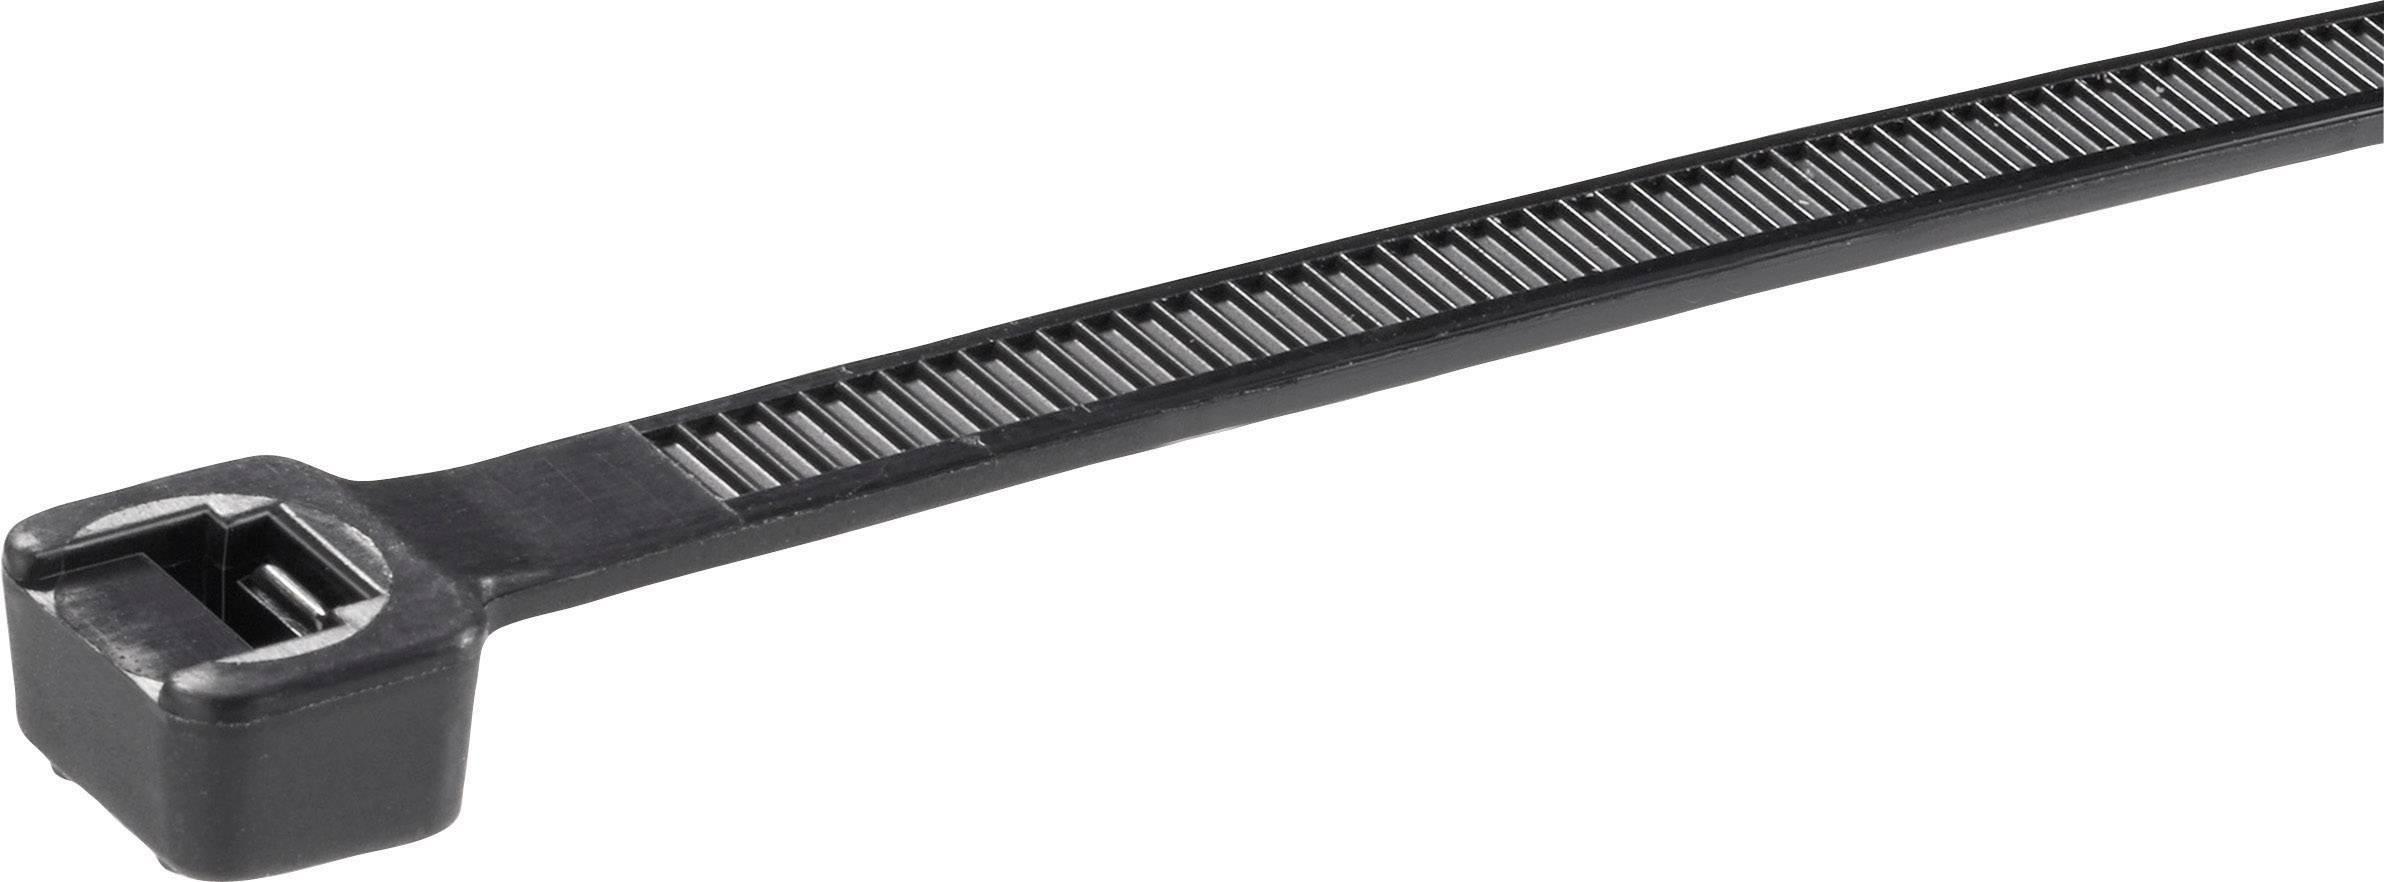 Stahovací pásky Panduit PLT2I-C30, 203 mm, polyamid 6.6, černá, 100 ks